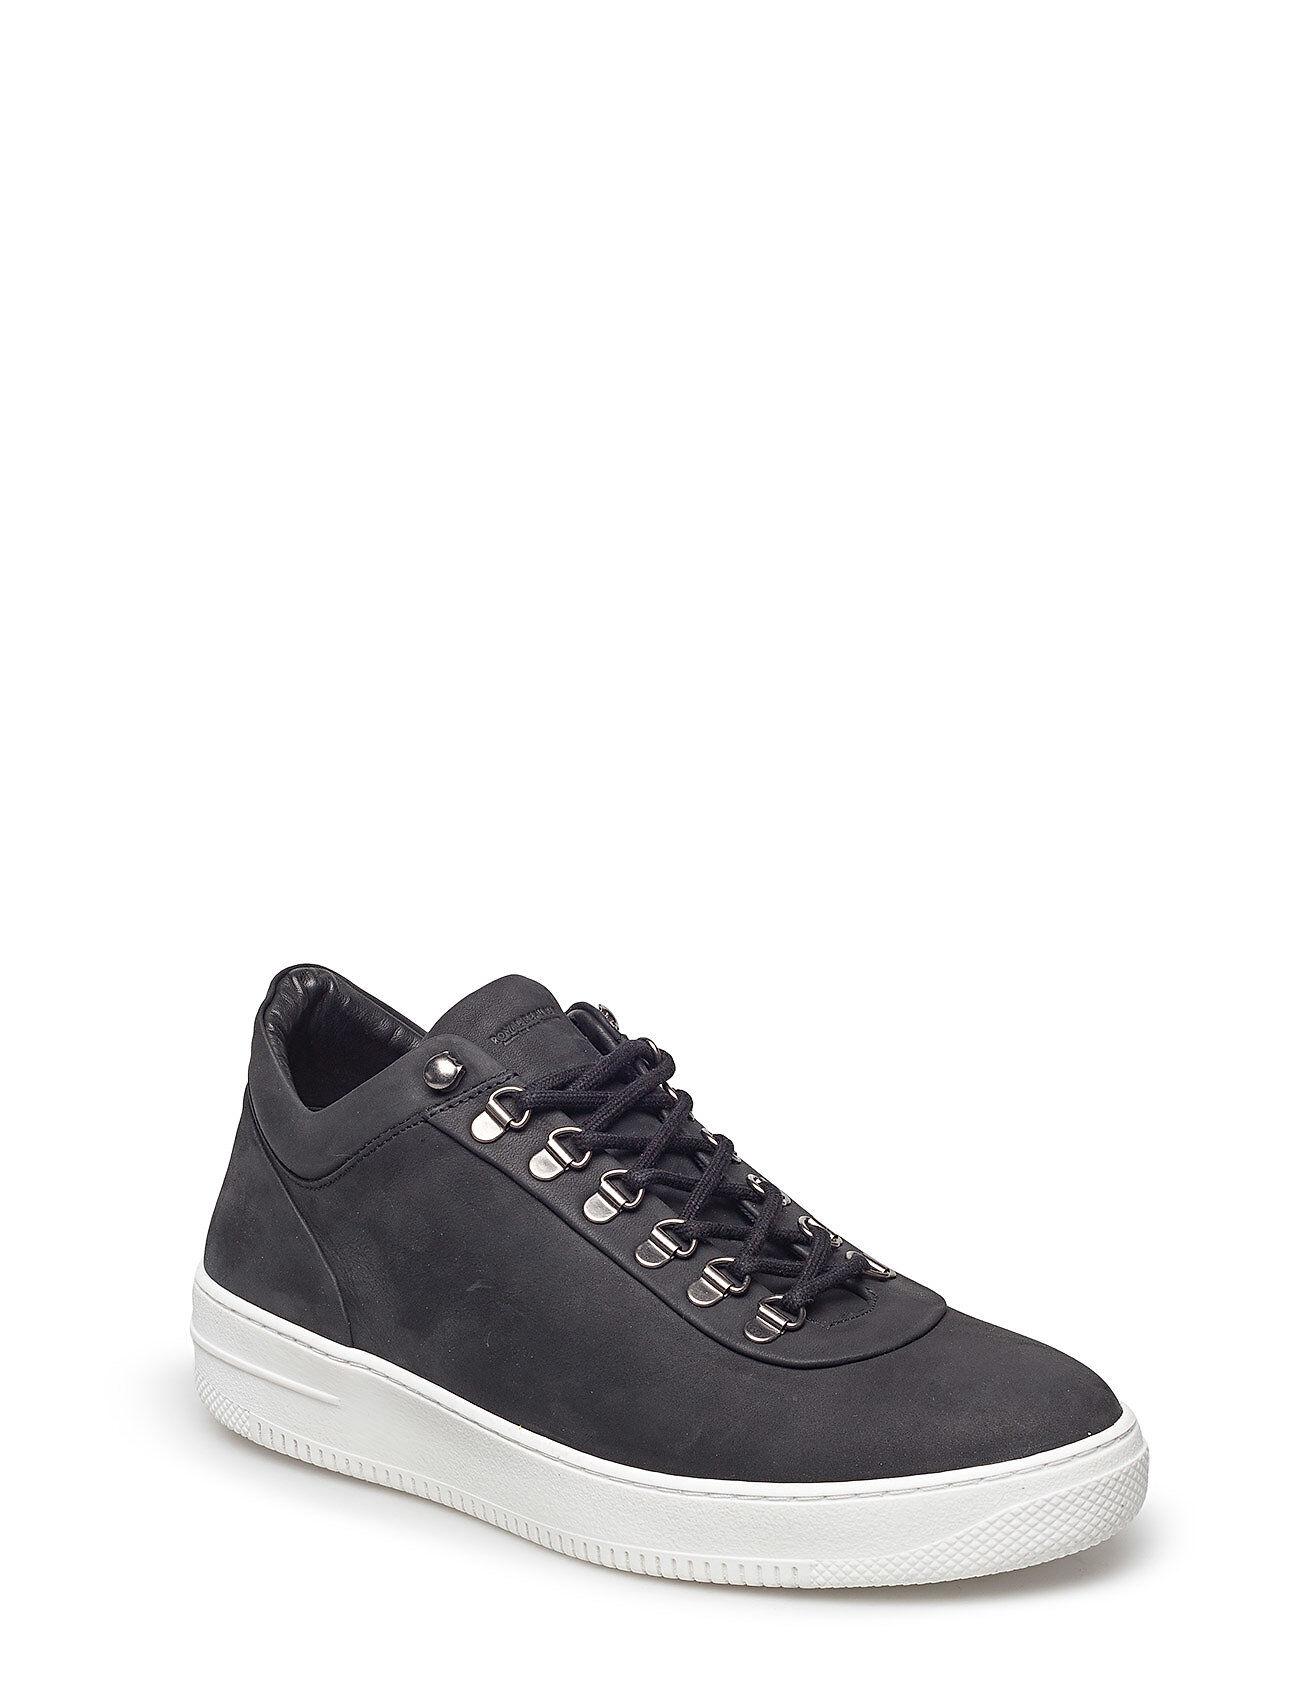 Royal RepubliQ Seven20 Hiker Oxford Shoe Nubuck